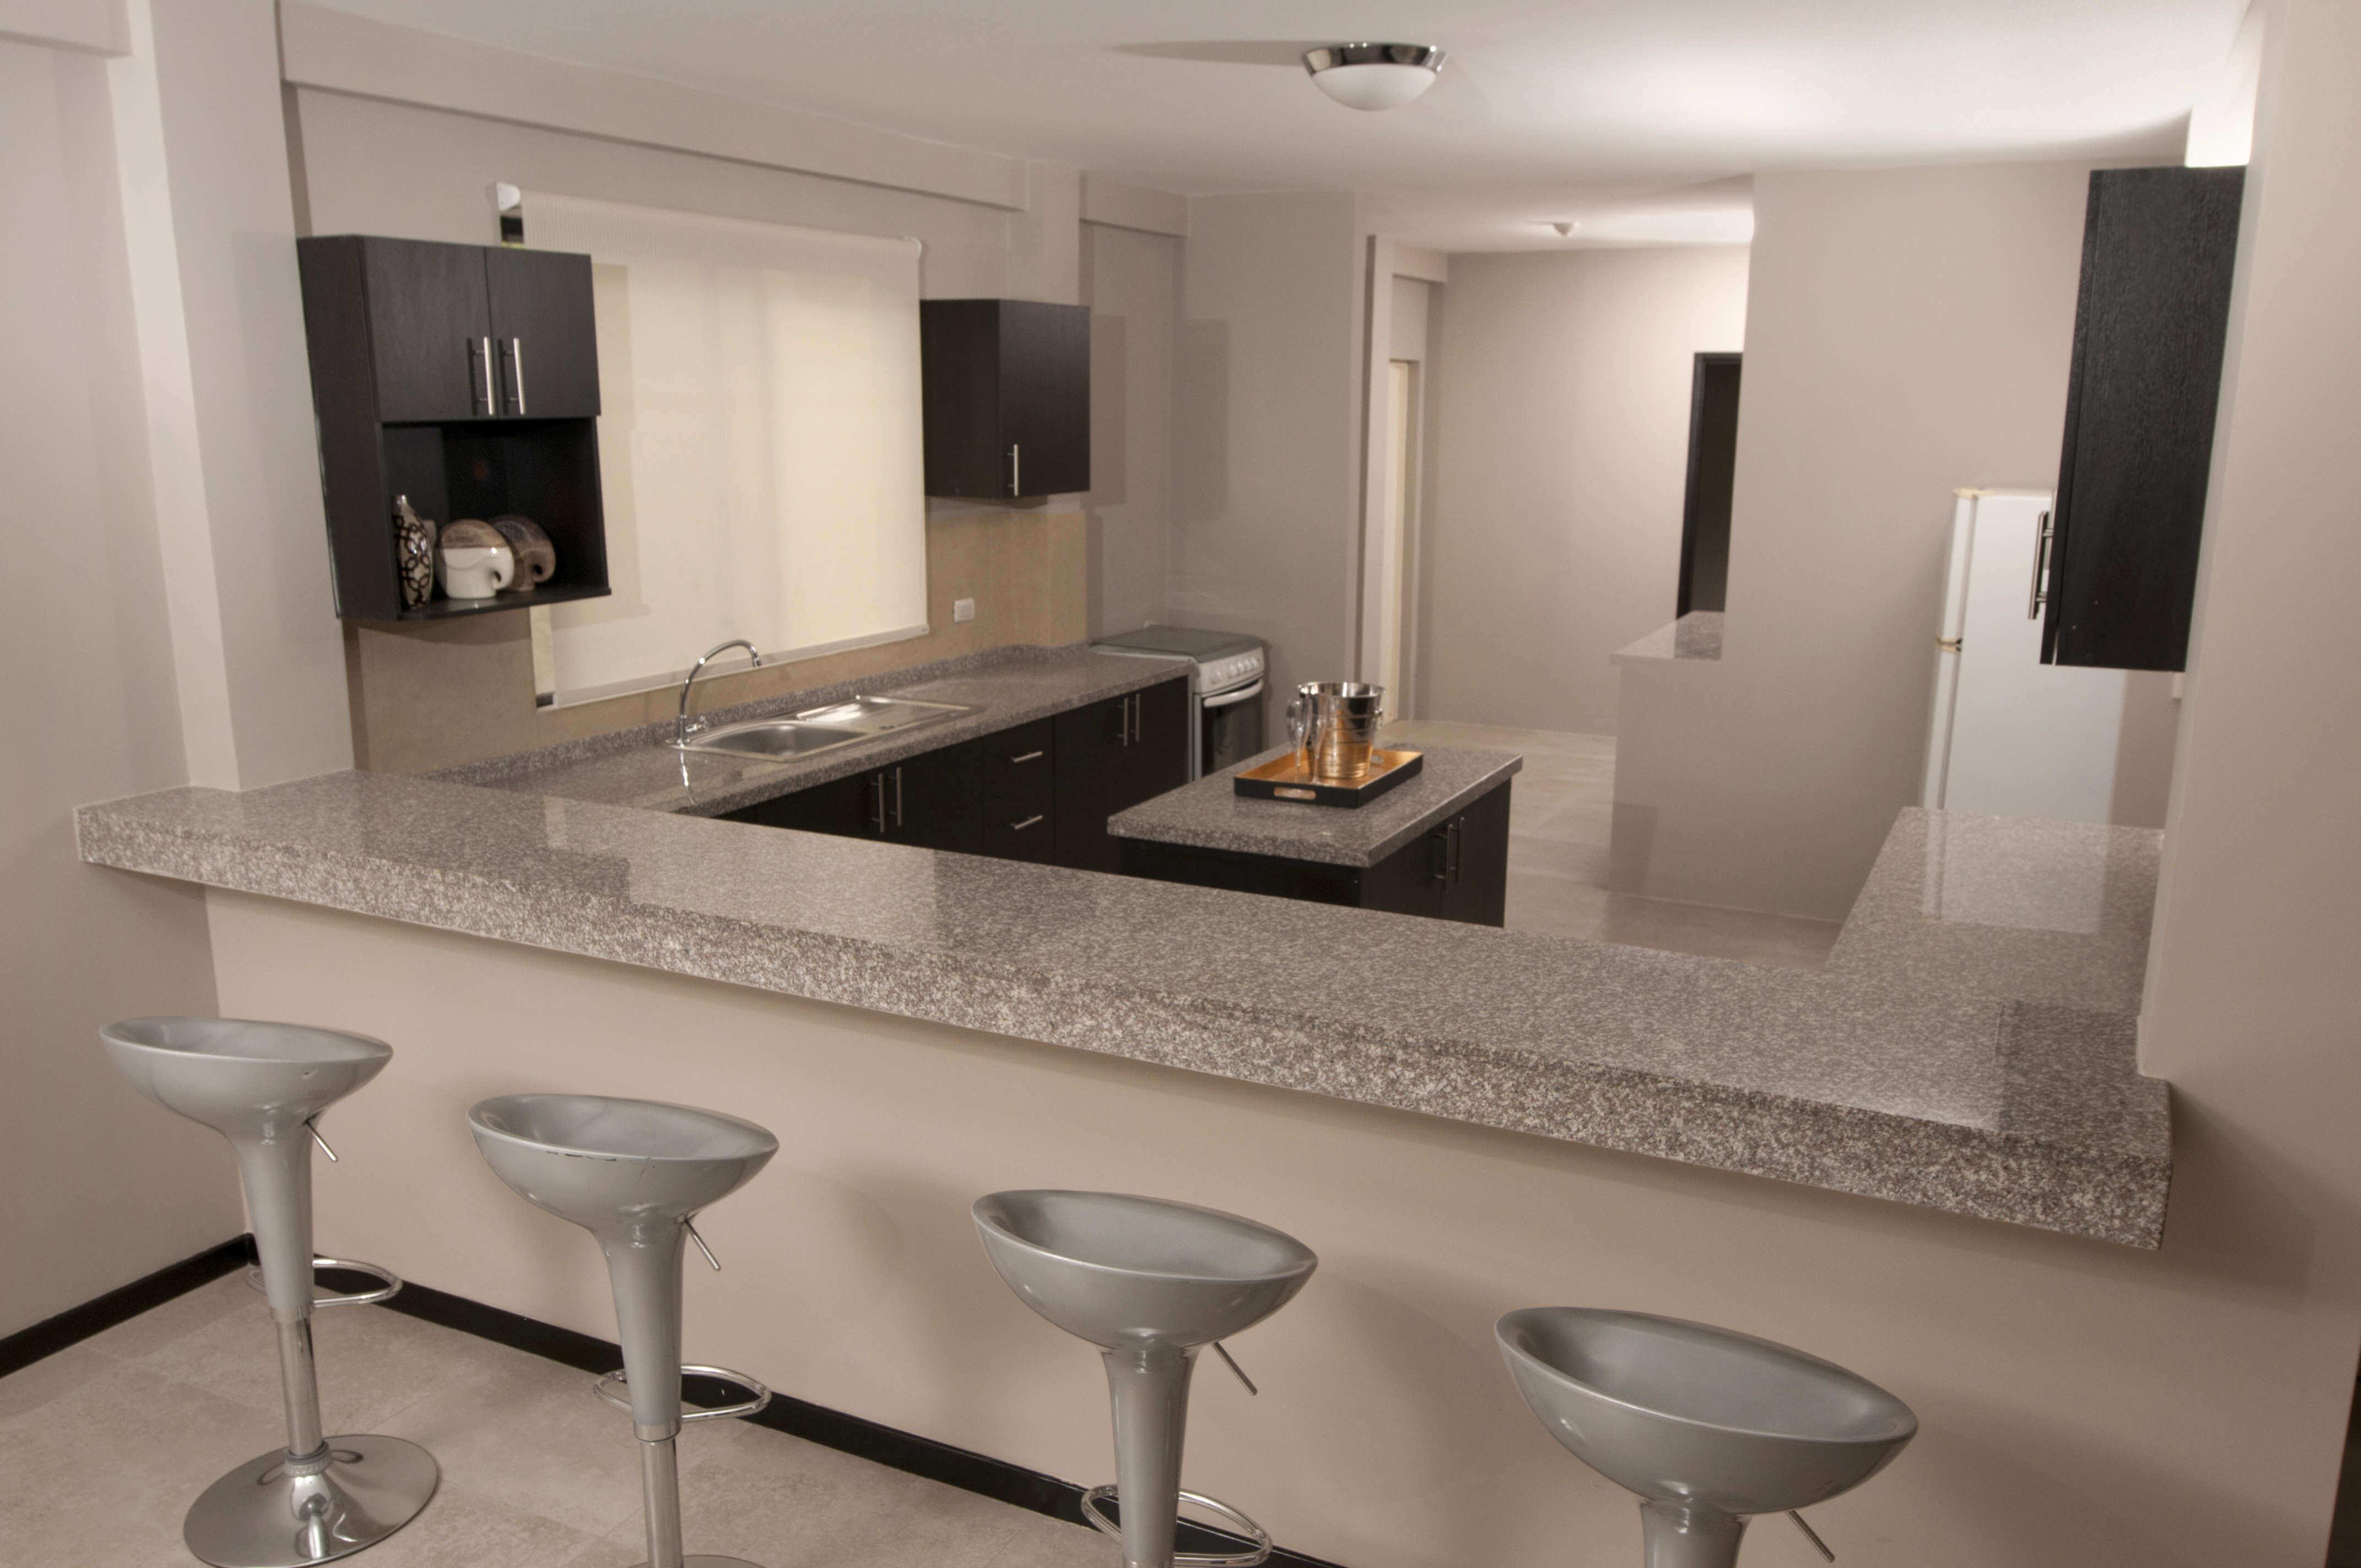 Villa club presenta nuevos acabados villa club venta for Modelos de pisos ceramicos para cocina